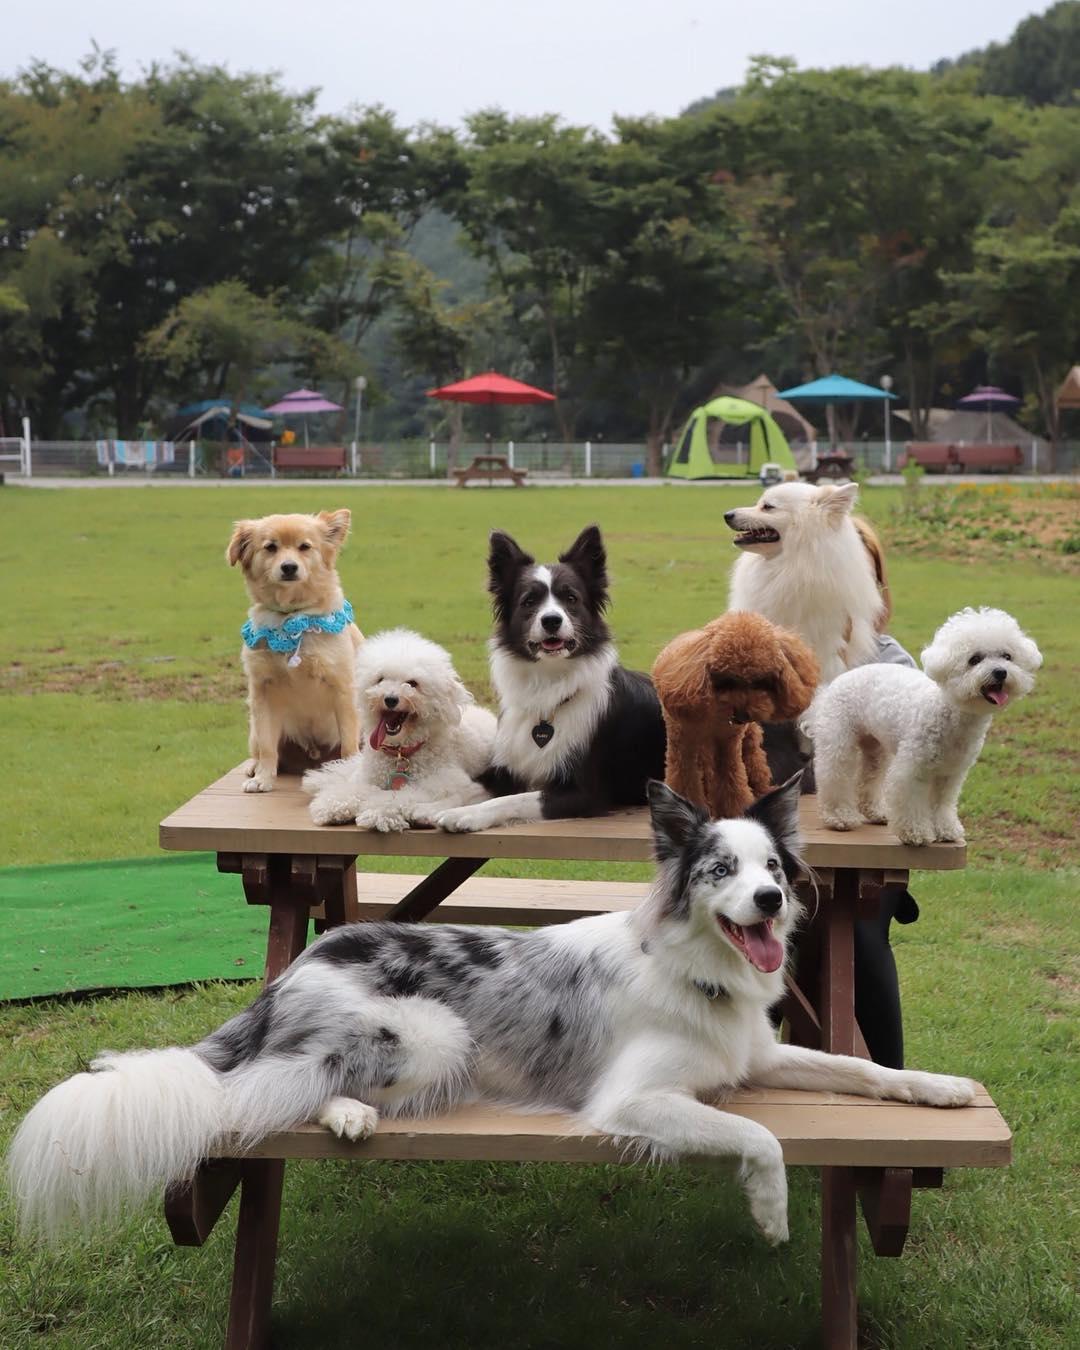 반려동물과 함께하는 가을 낭만캠핑